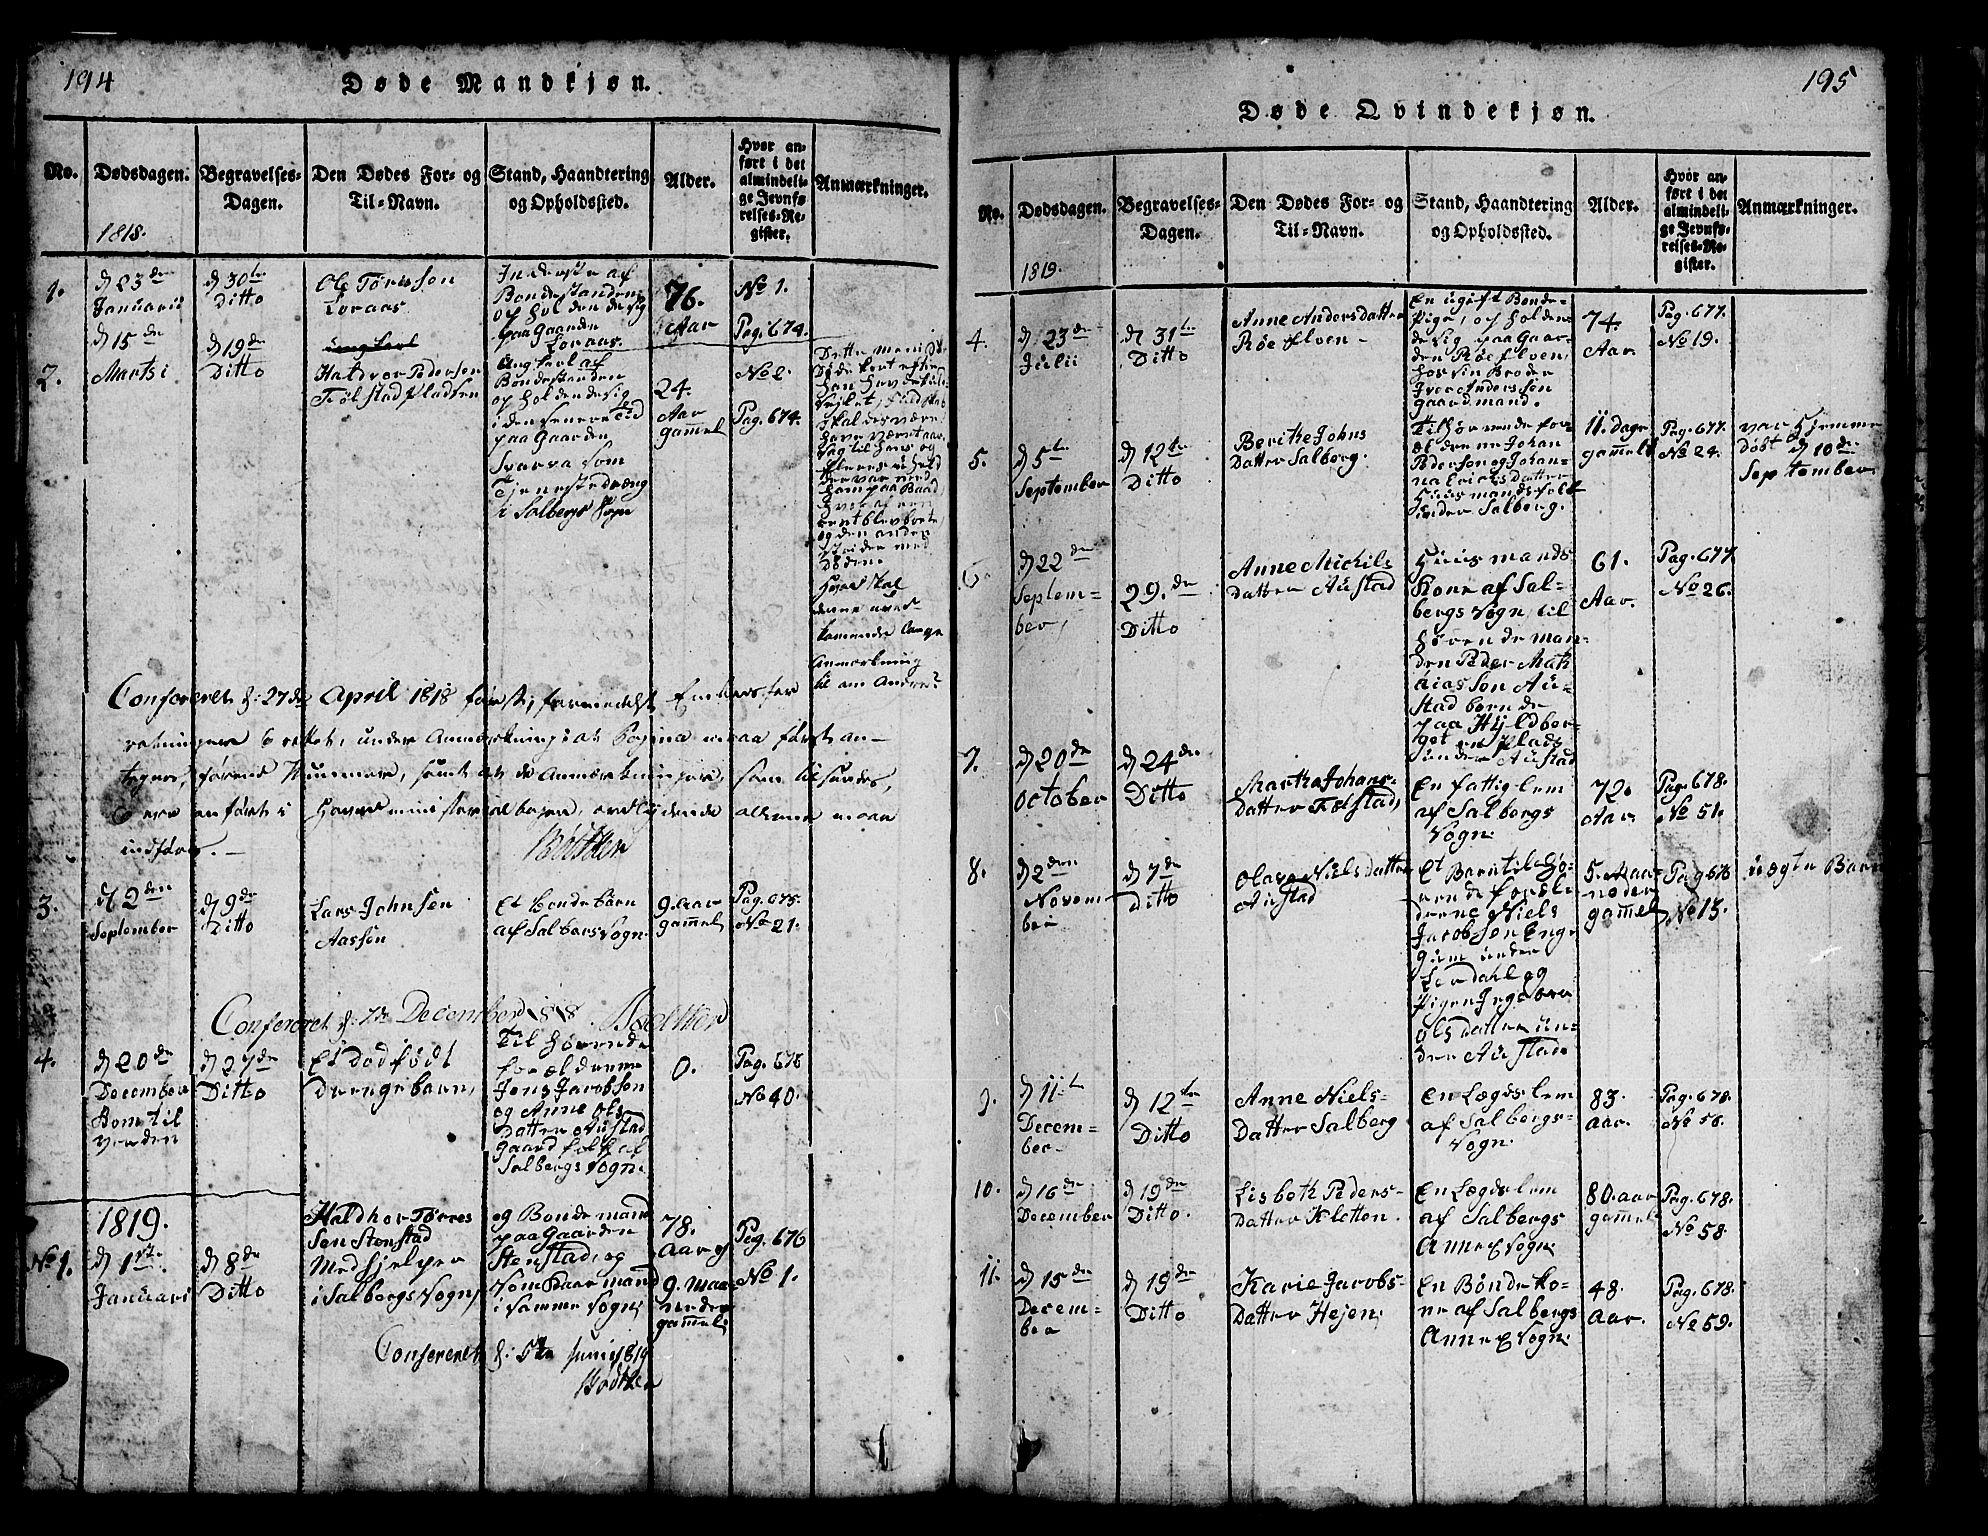 SAT, Ministerialprotokoller, klokkerbøker og fødselsregistre - Nord-Trøndelag, 731/L0310: Klokkerbok nr. 731C01, 1816-1874, s. 194-195